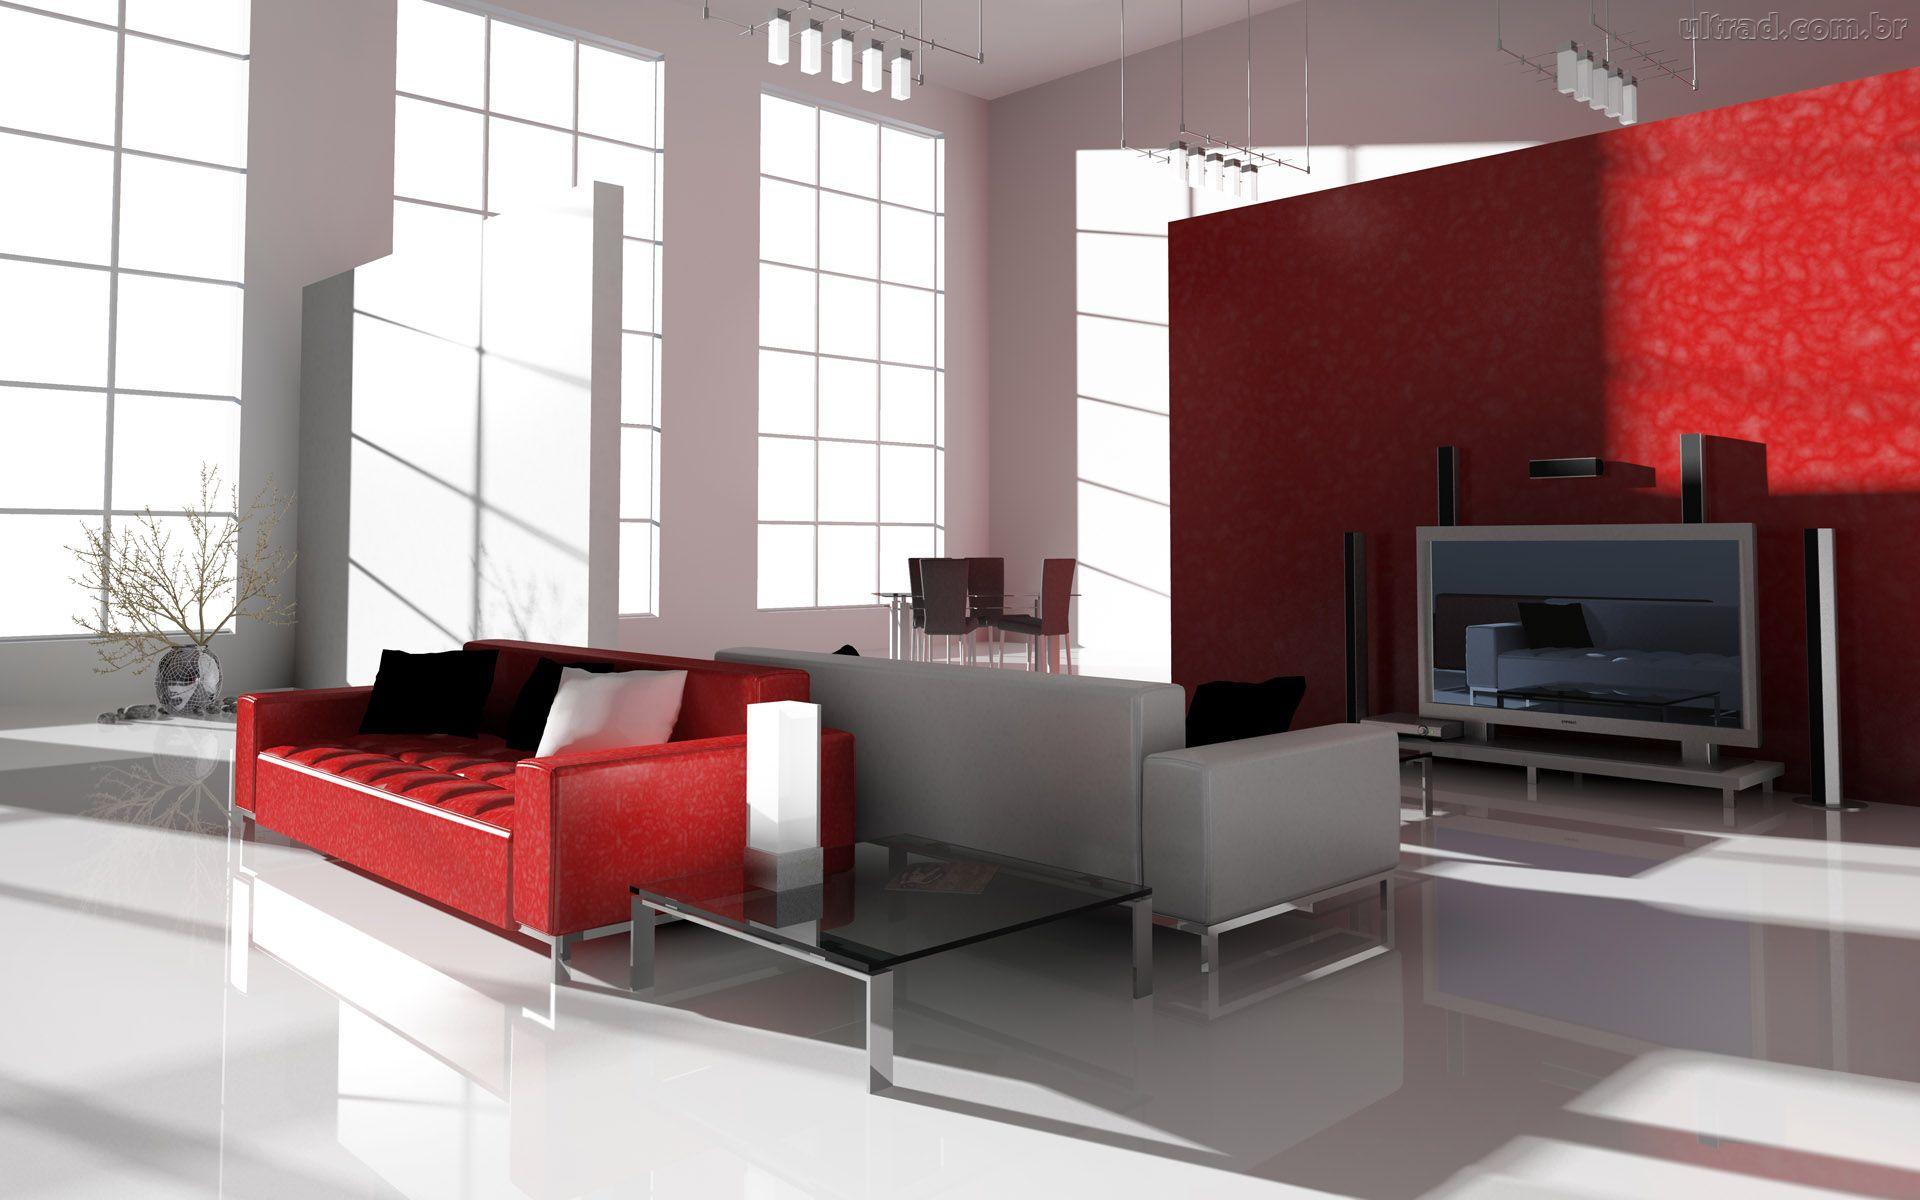 sala-estarcom-sofá-vermelho